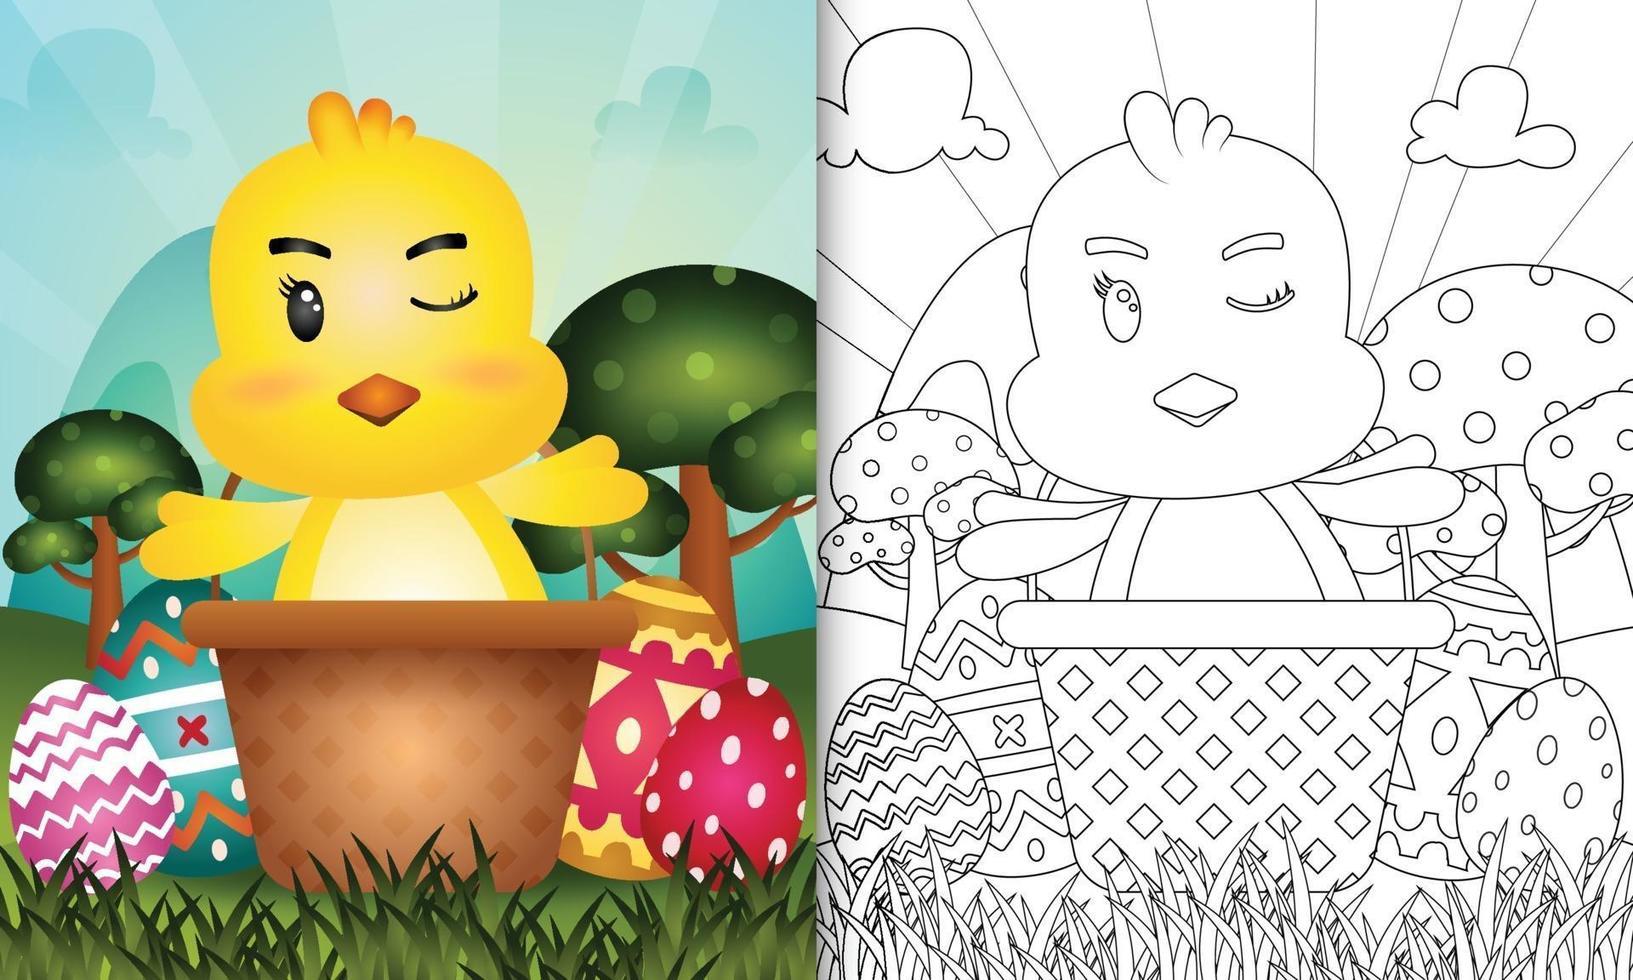 livro de colorir para crianças com tema feliz dia de páscoa com ilustração de personagem de uma linda garota no ovo balde vetor